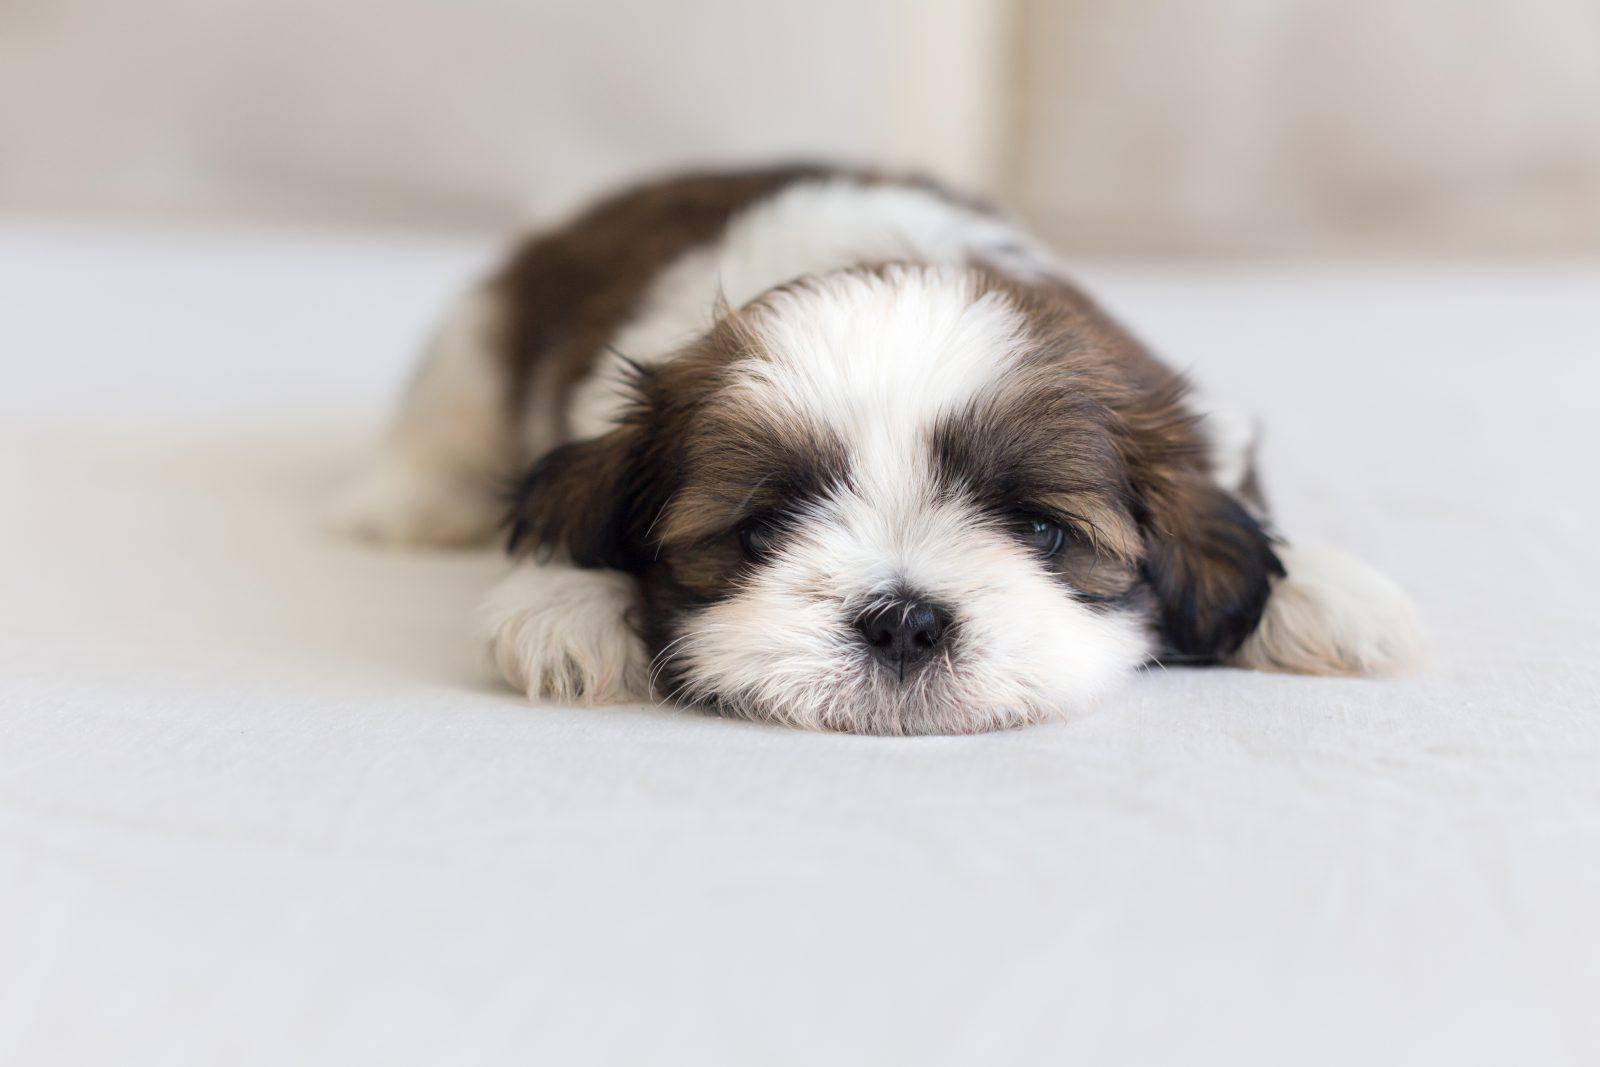 Cachorros de raça: Shih Tzu filhote dormindo sua soneca confortável.